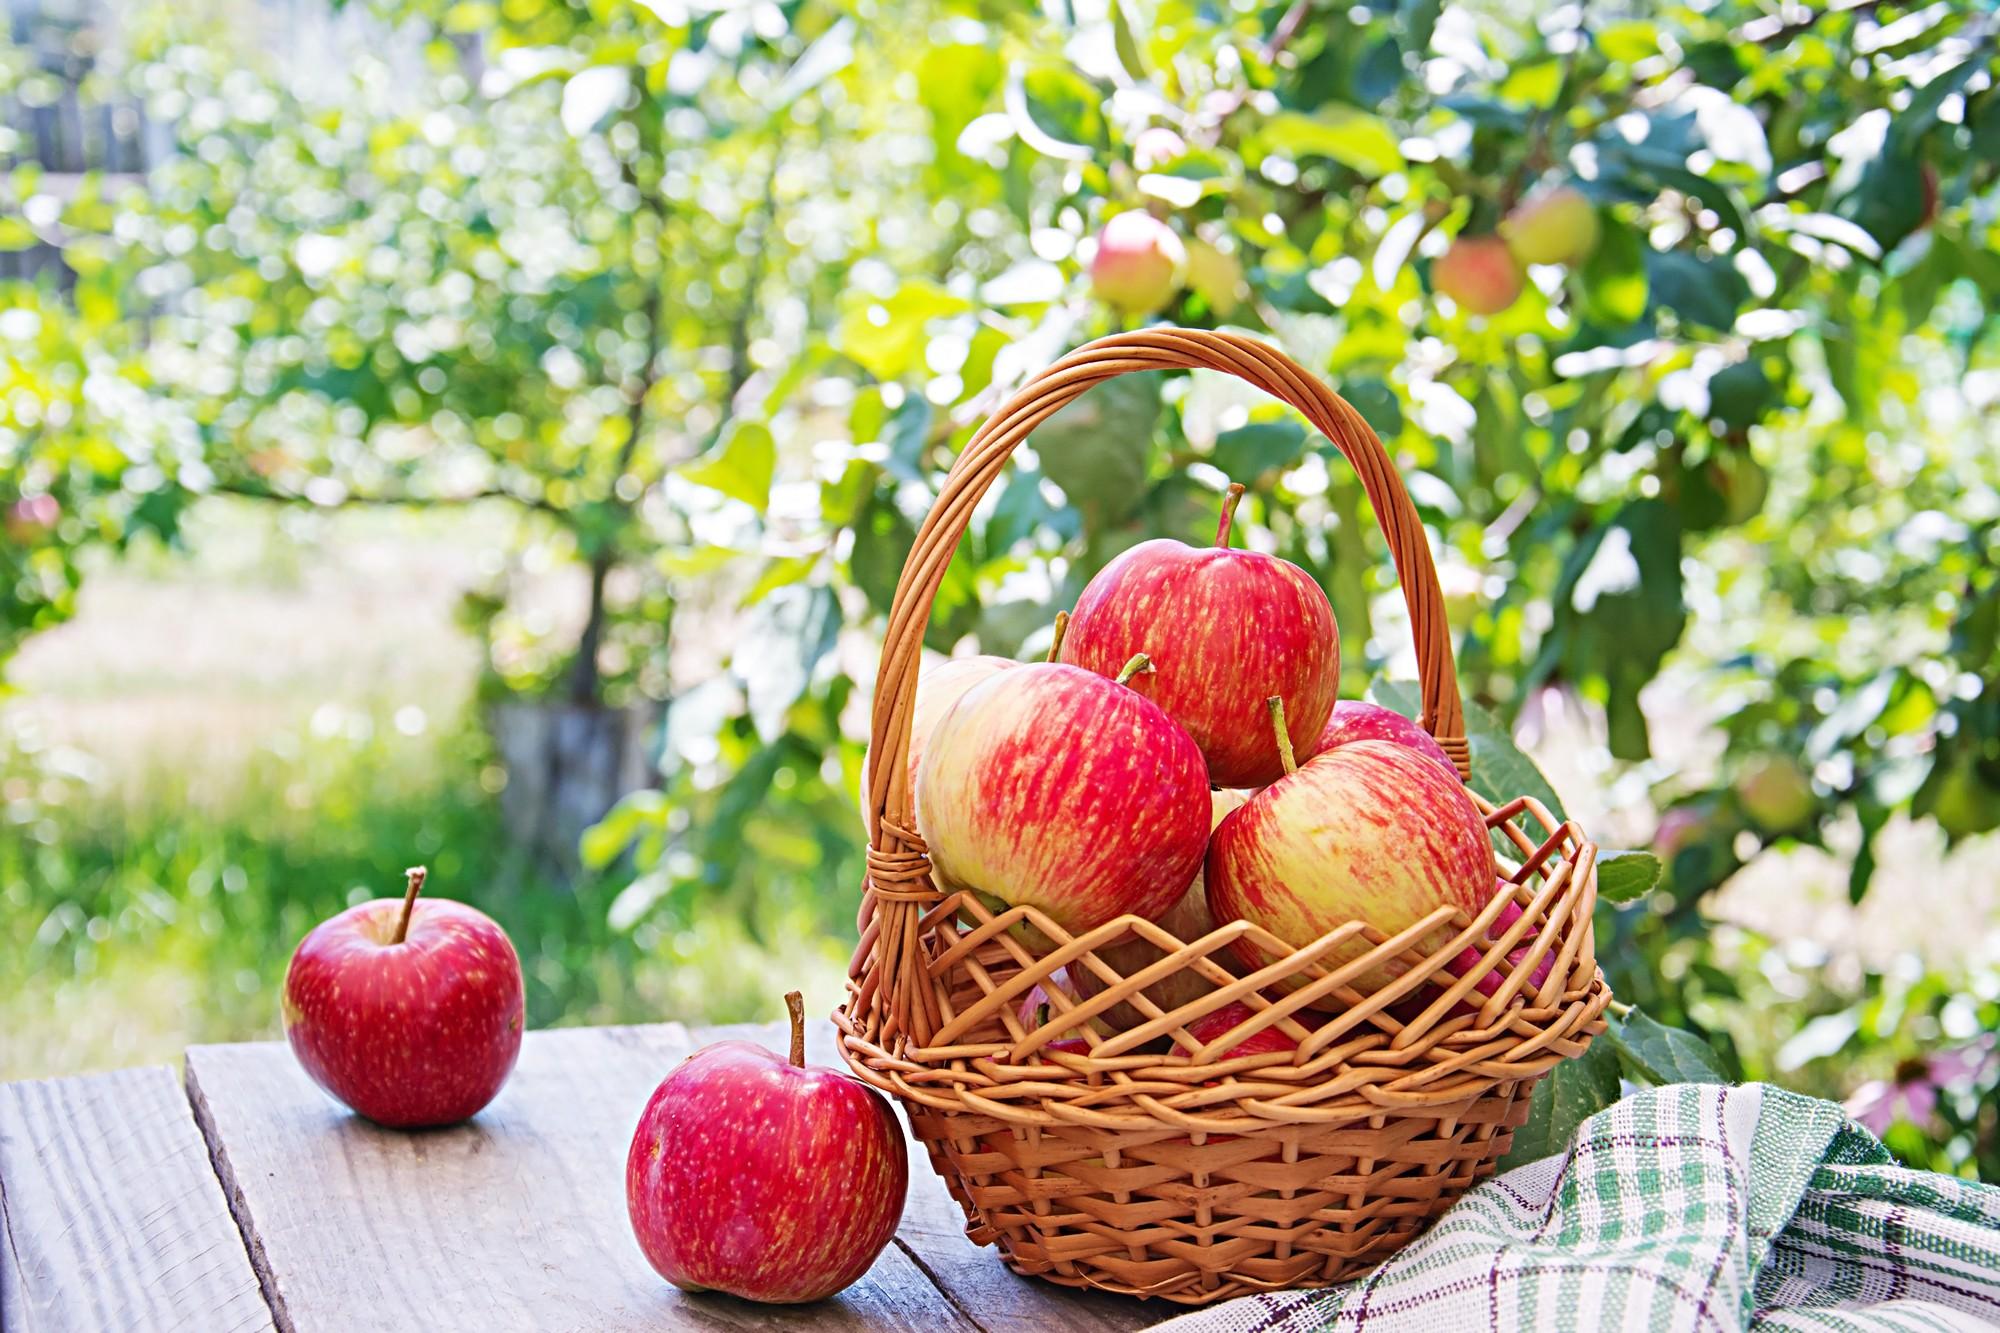 Nowoczesne zaplecze pozwala dostarczać nam jabłka deserowe najwyższej jakości